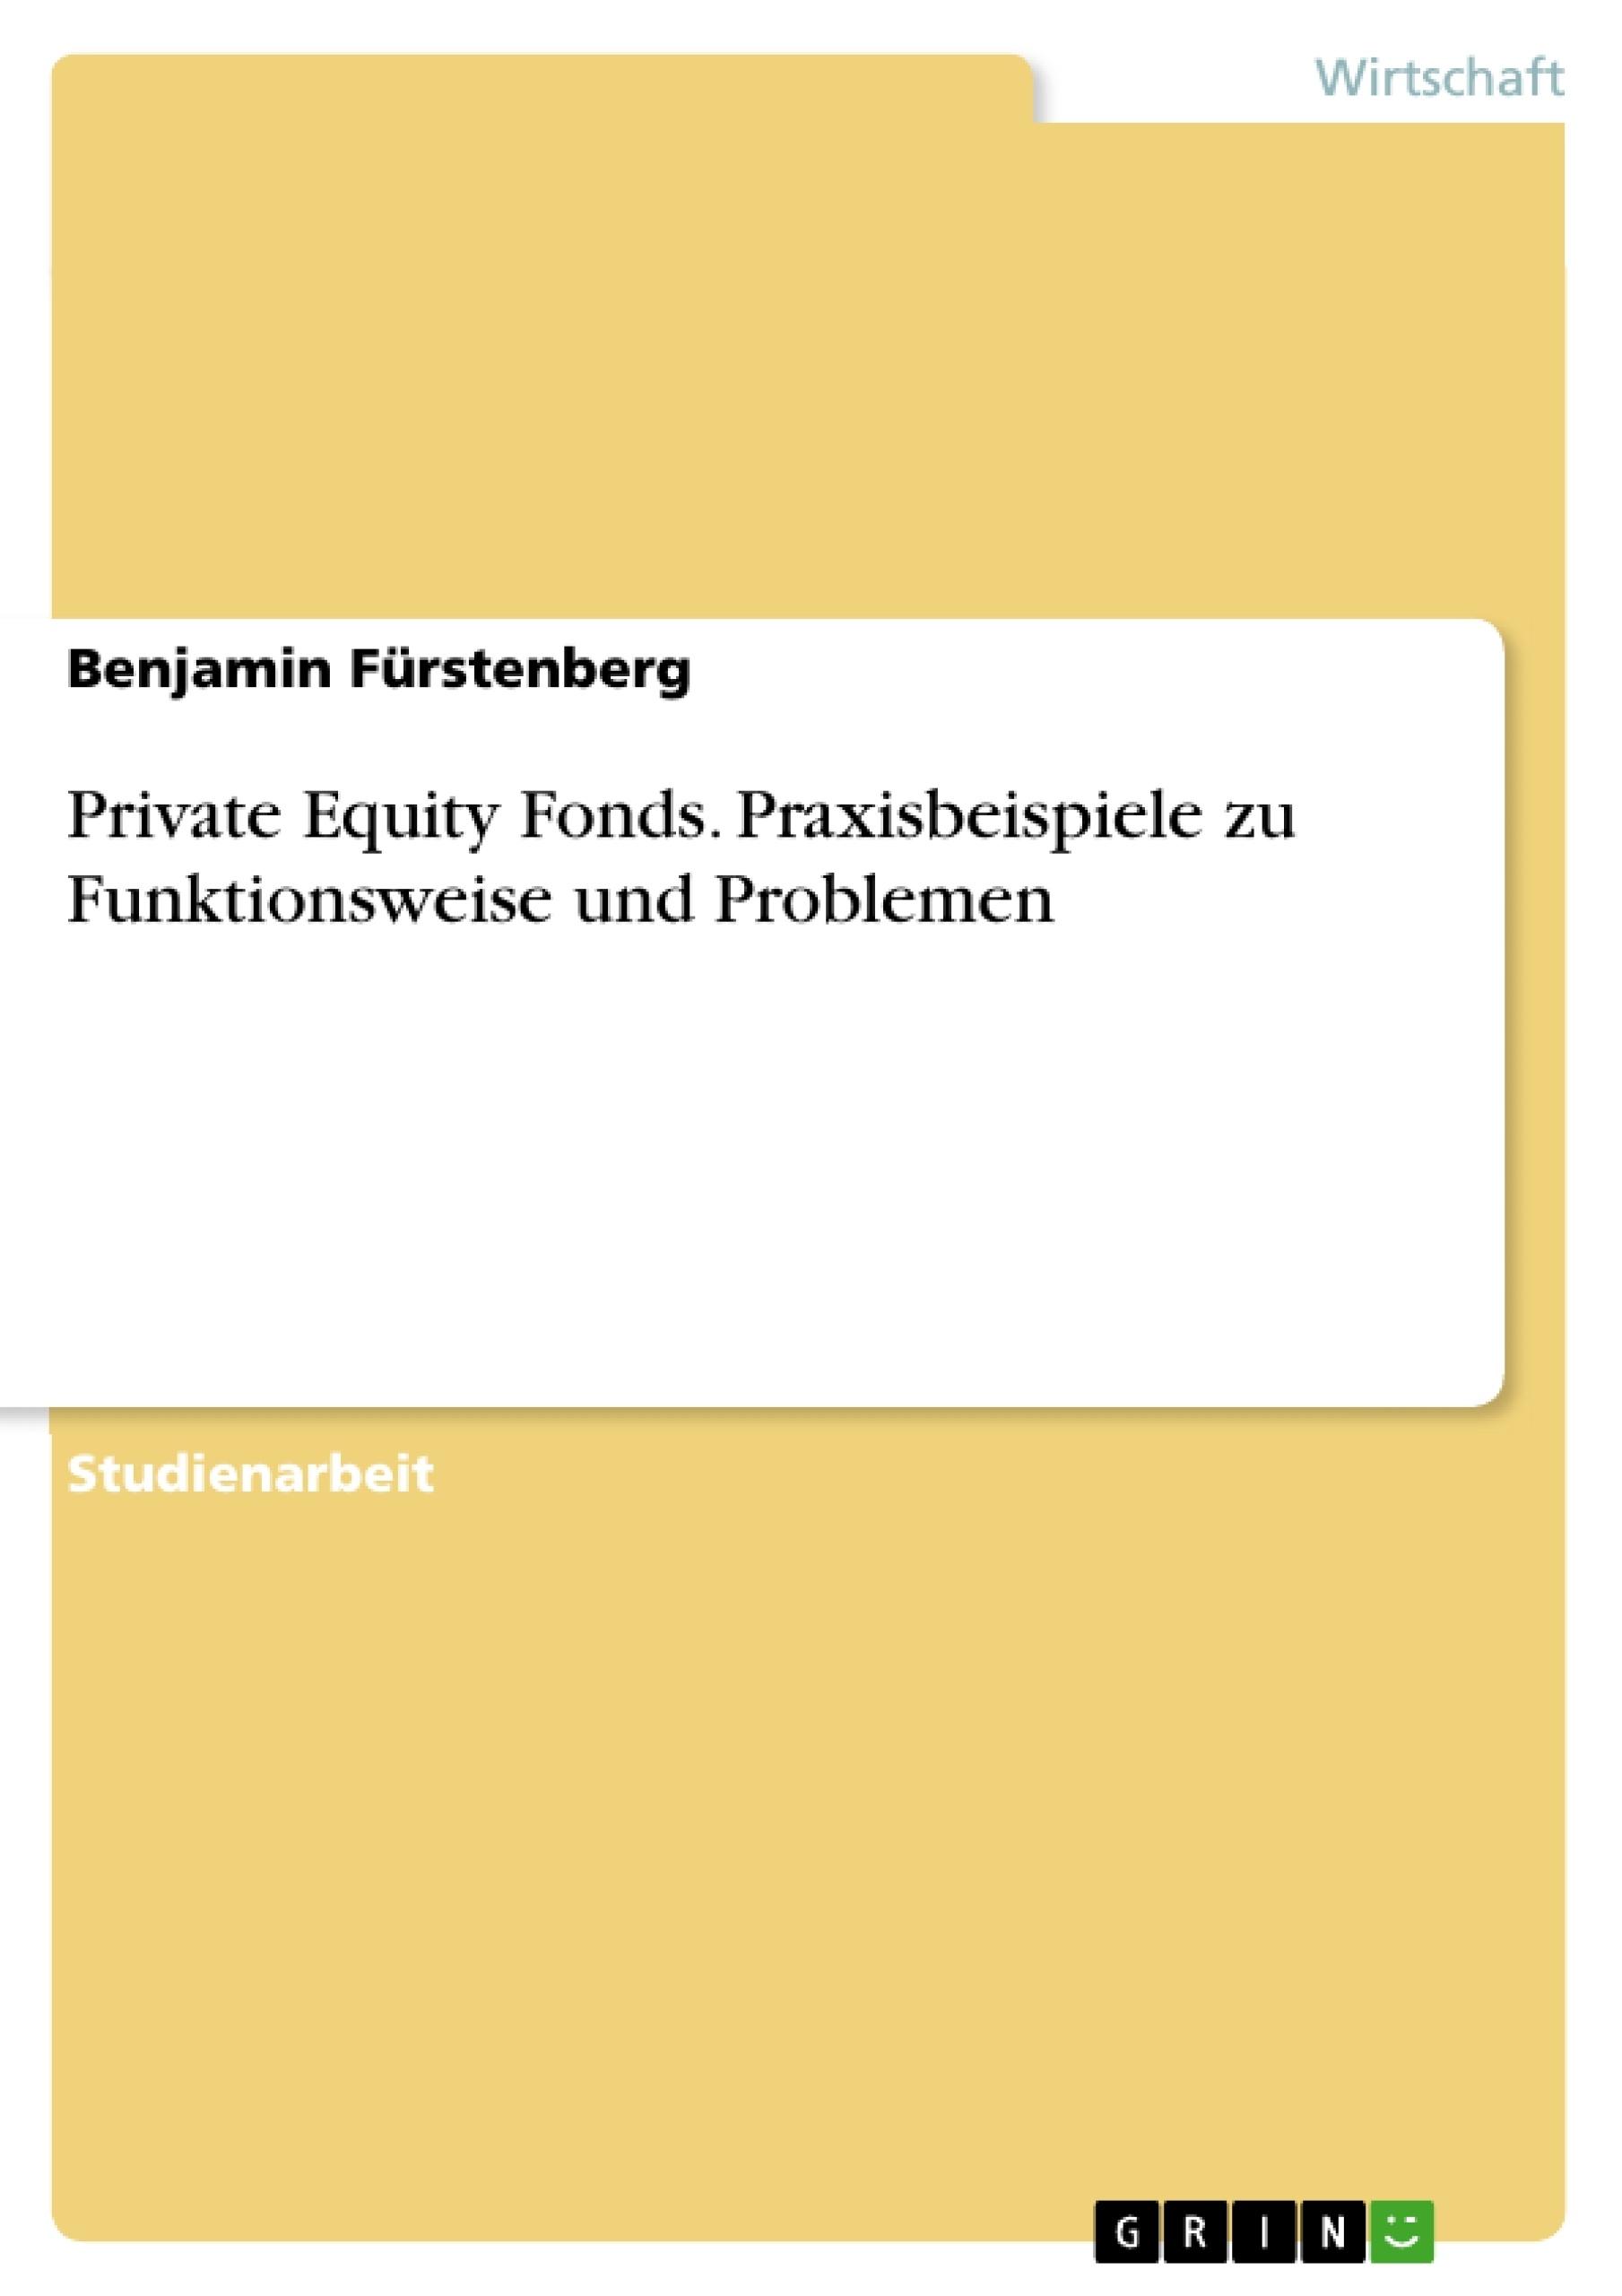 Titel: Private Equity Fonds. Praxisbeispiele zu Funktionsweise und Problemen